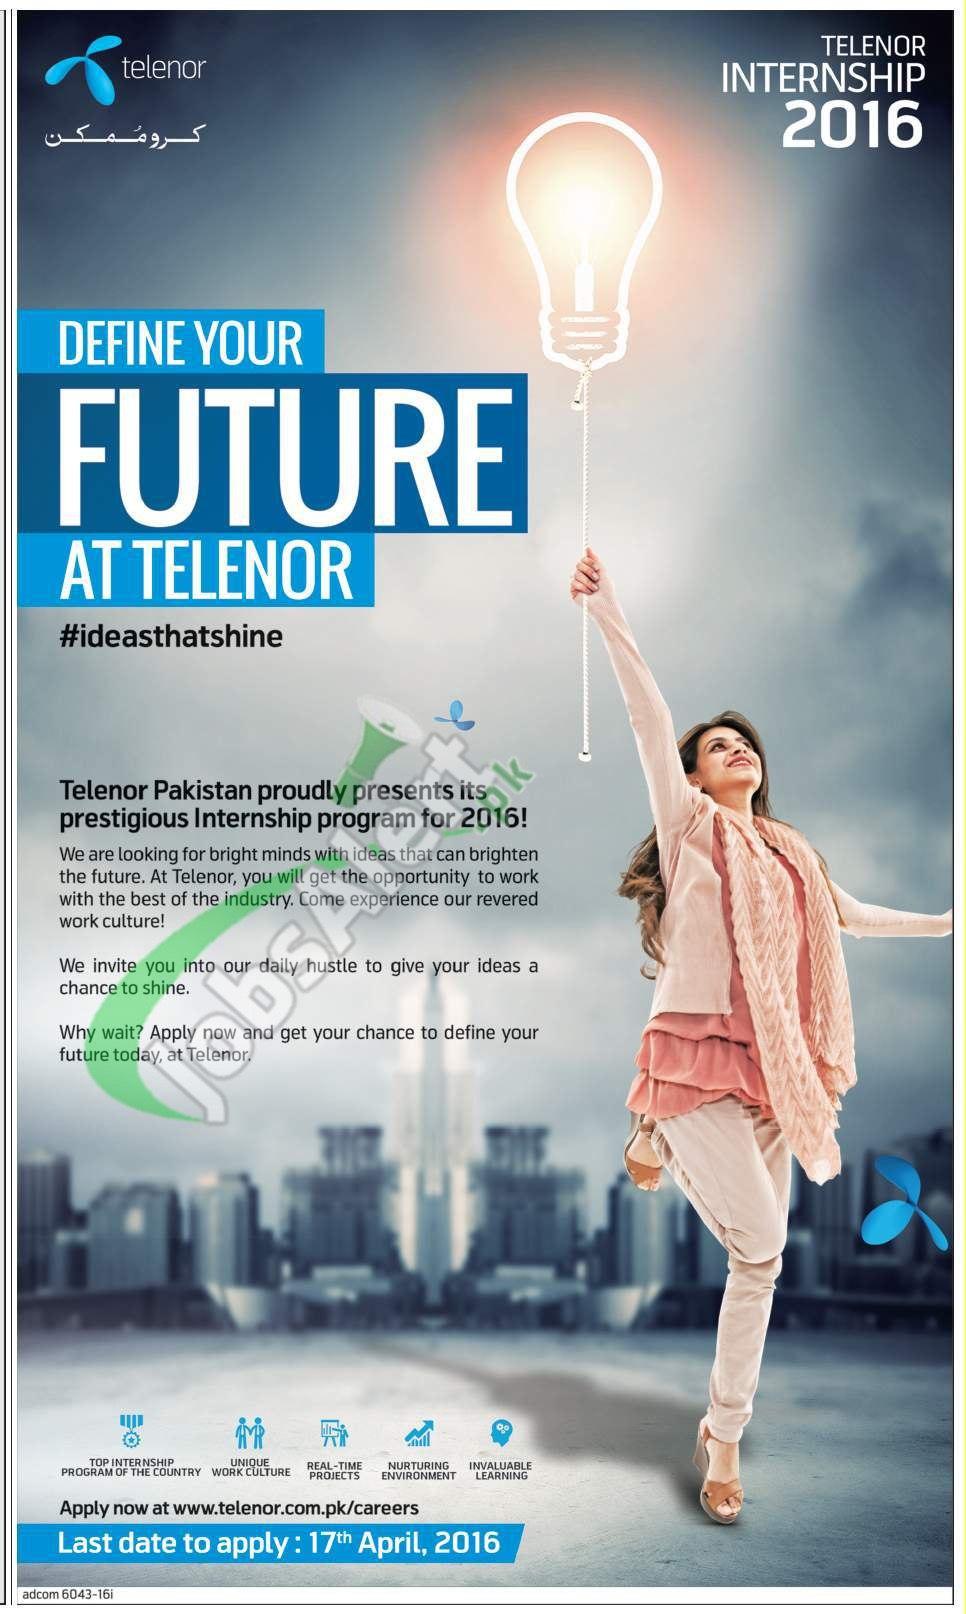 Telenor Internship